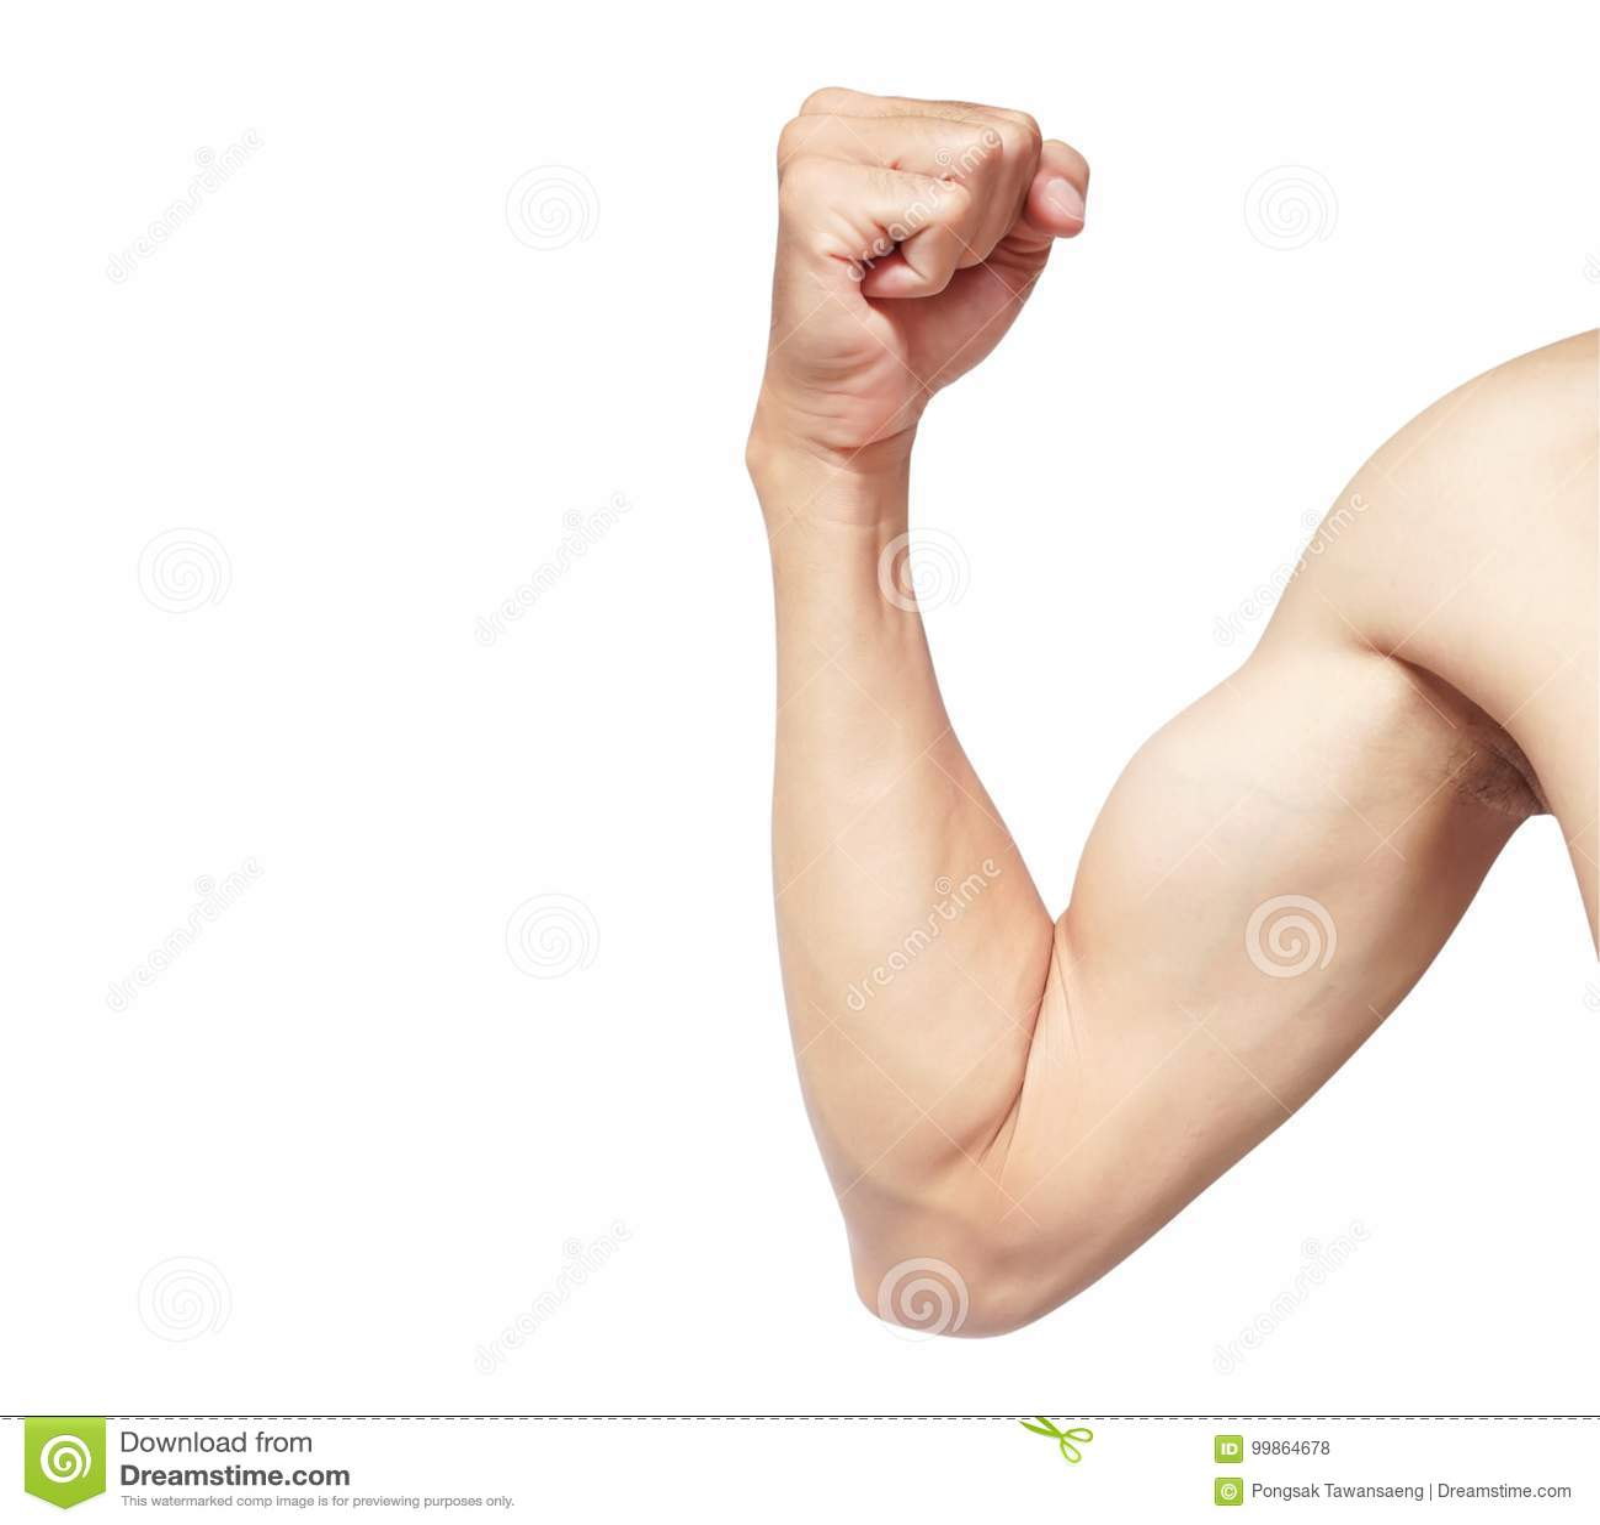 Mannmuskel des starken Armes lokalisiert auf weißem Hintergrund mit Ausschnitt